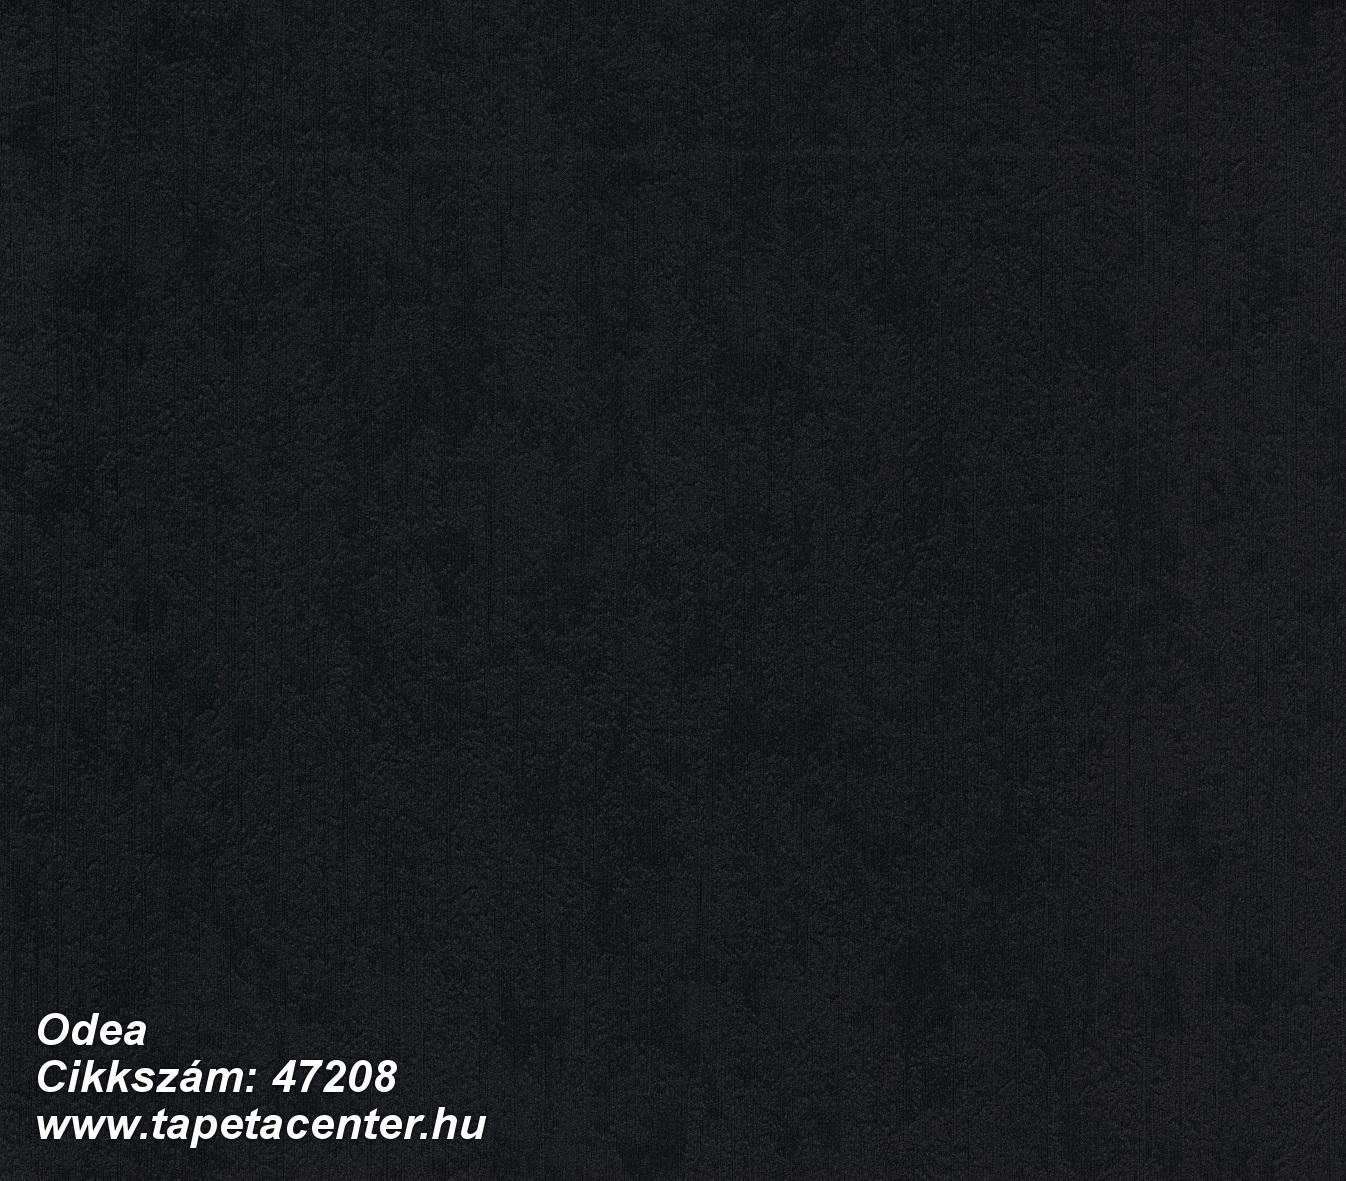 Odea - 47208 Olasz tapéta